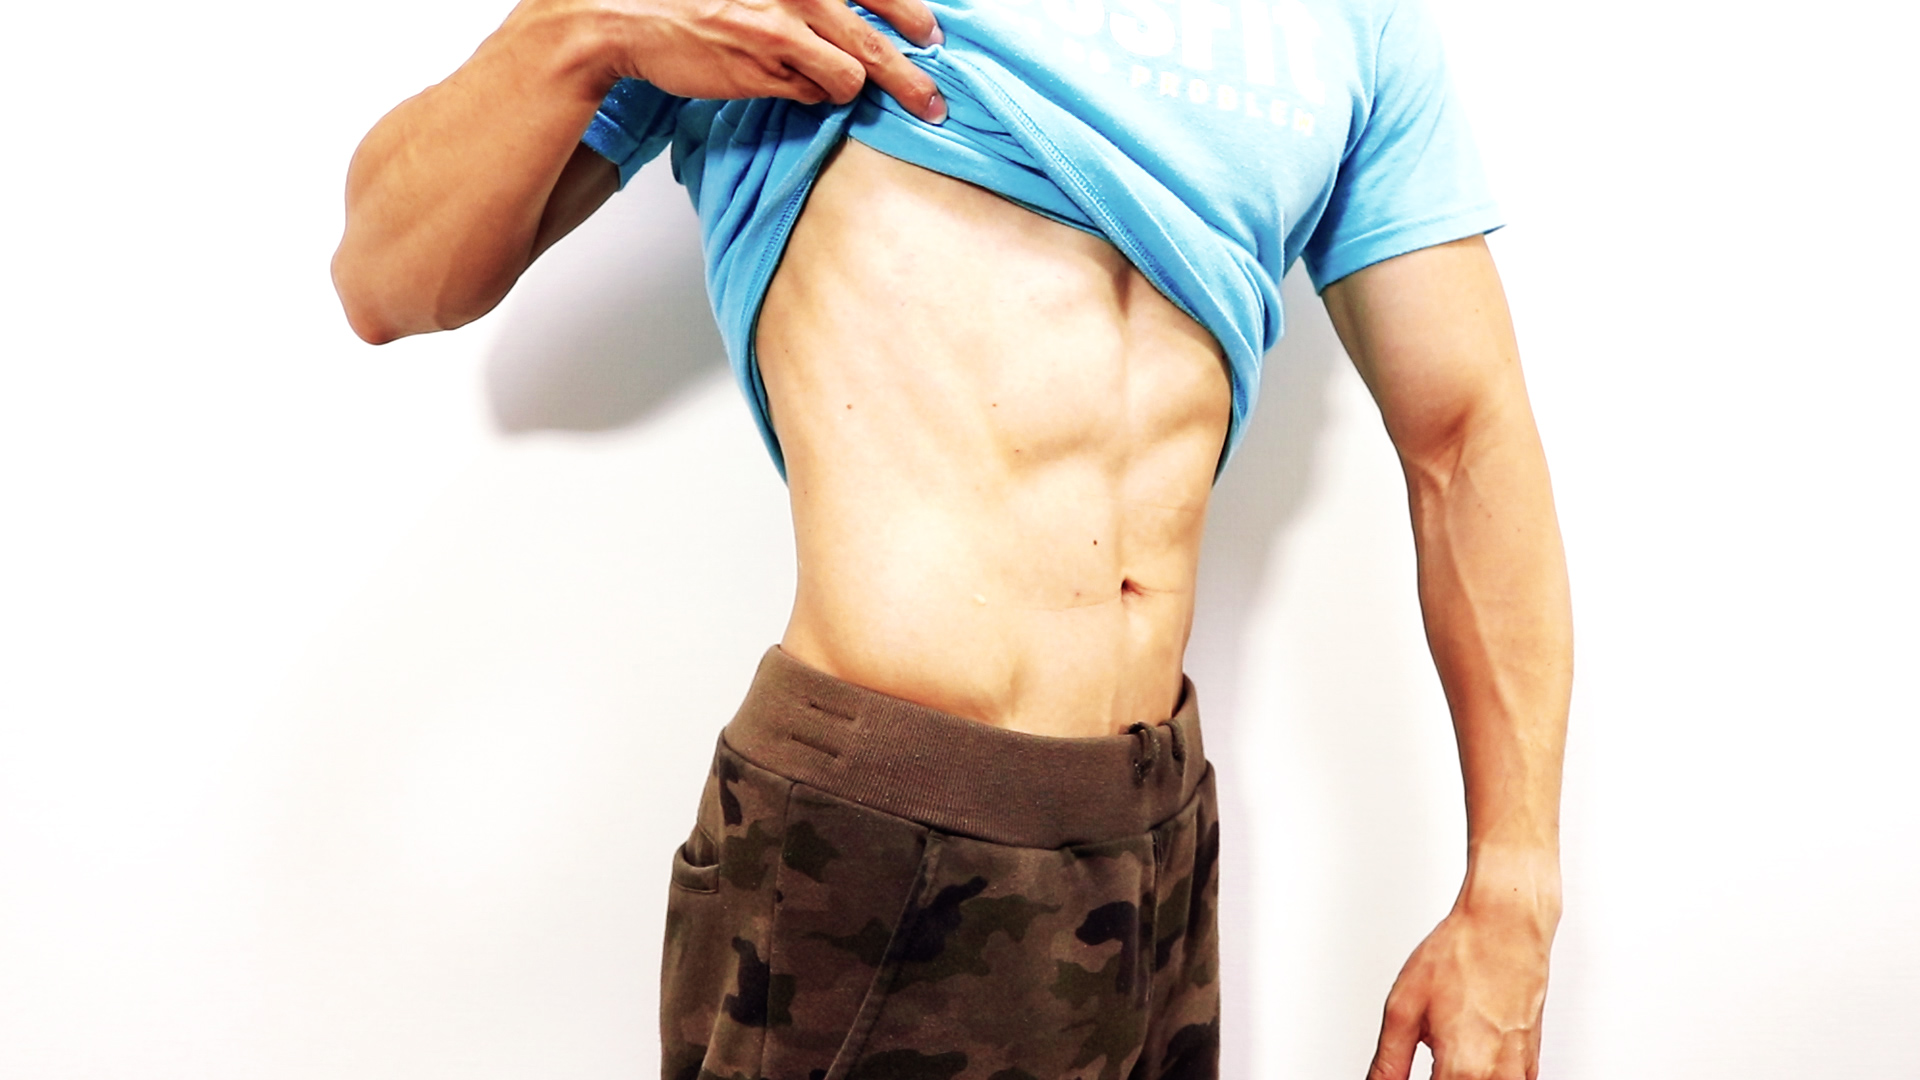 課題:横腹の脂肪を落とすにはどうするべきか?